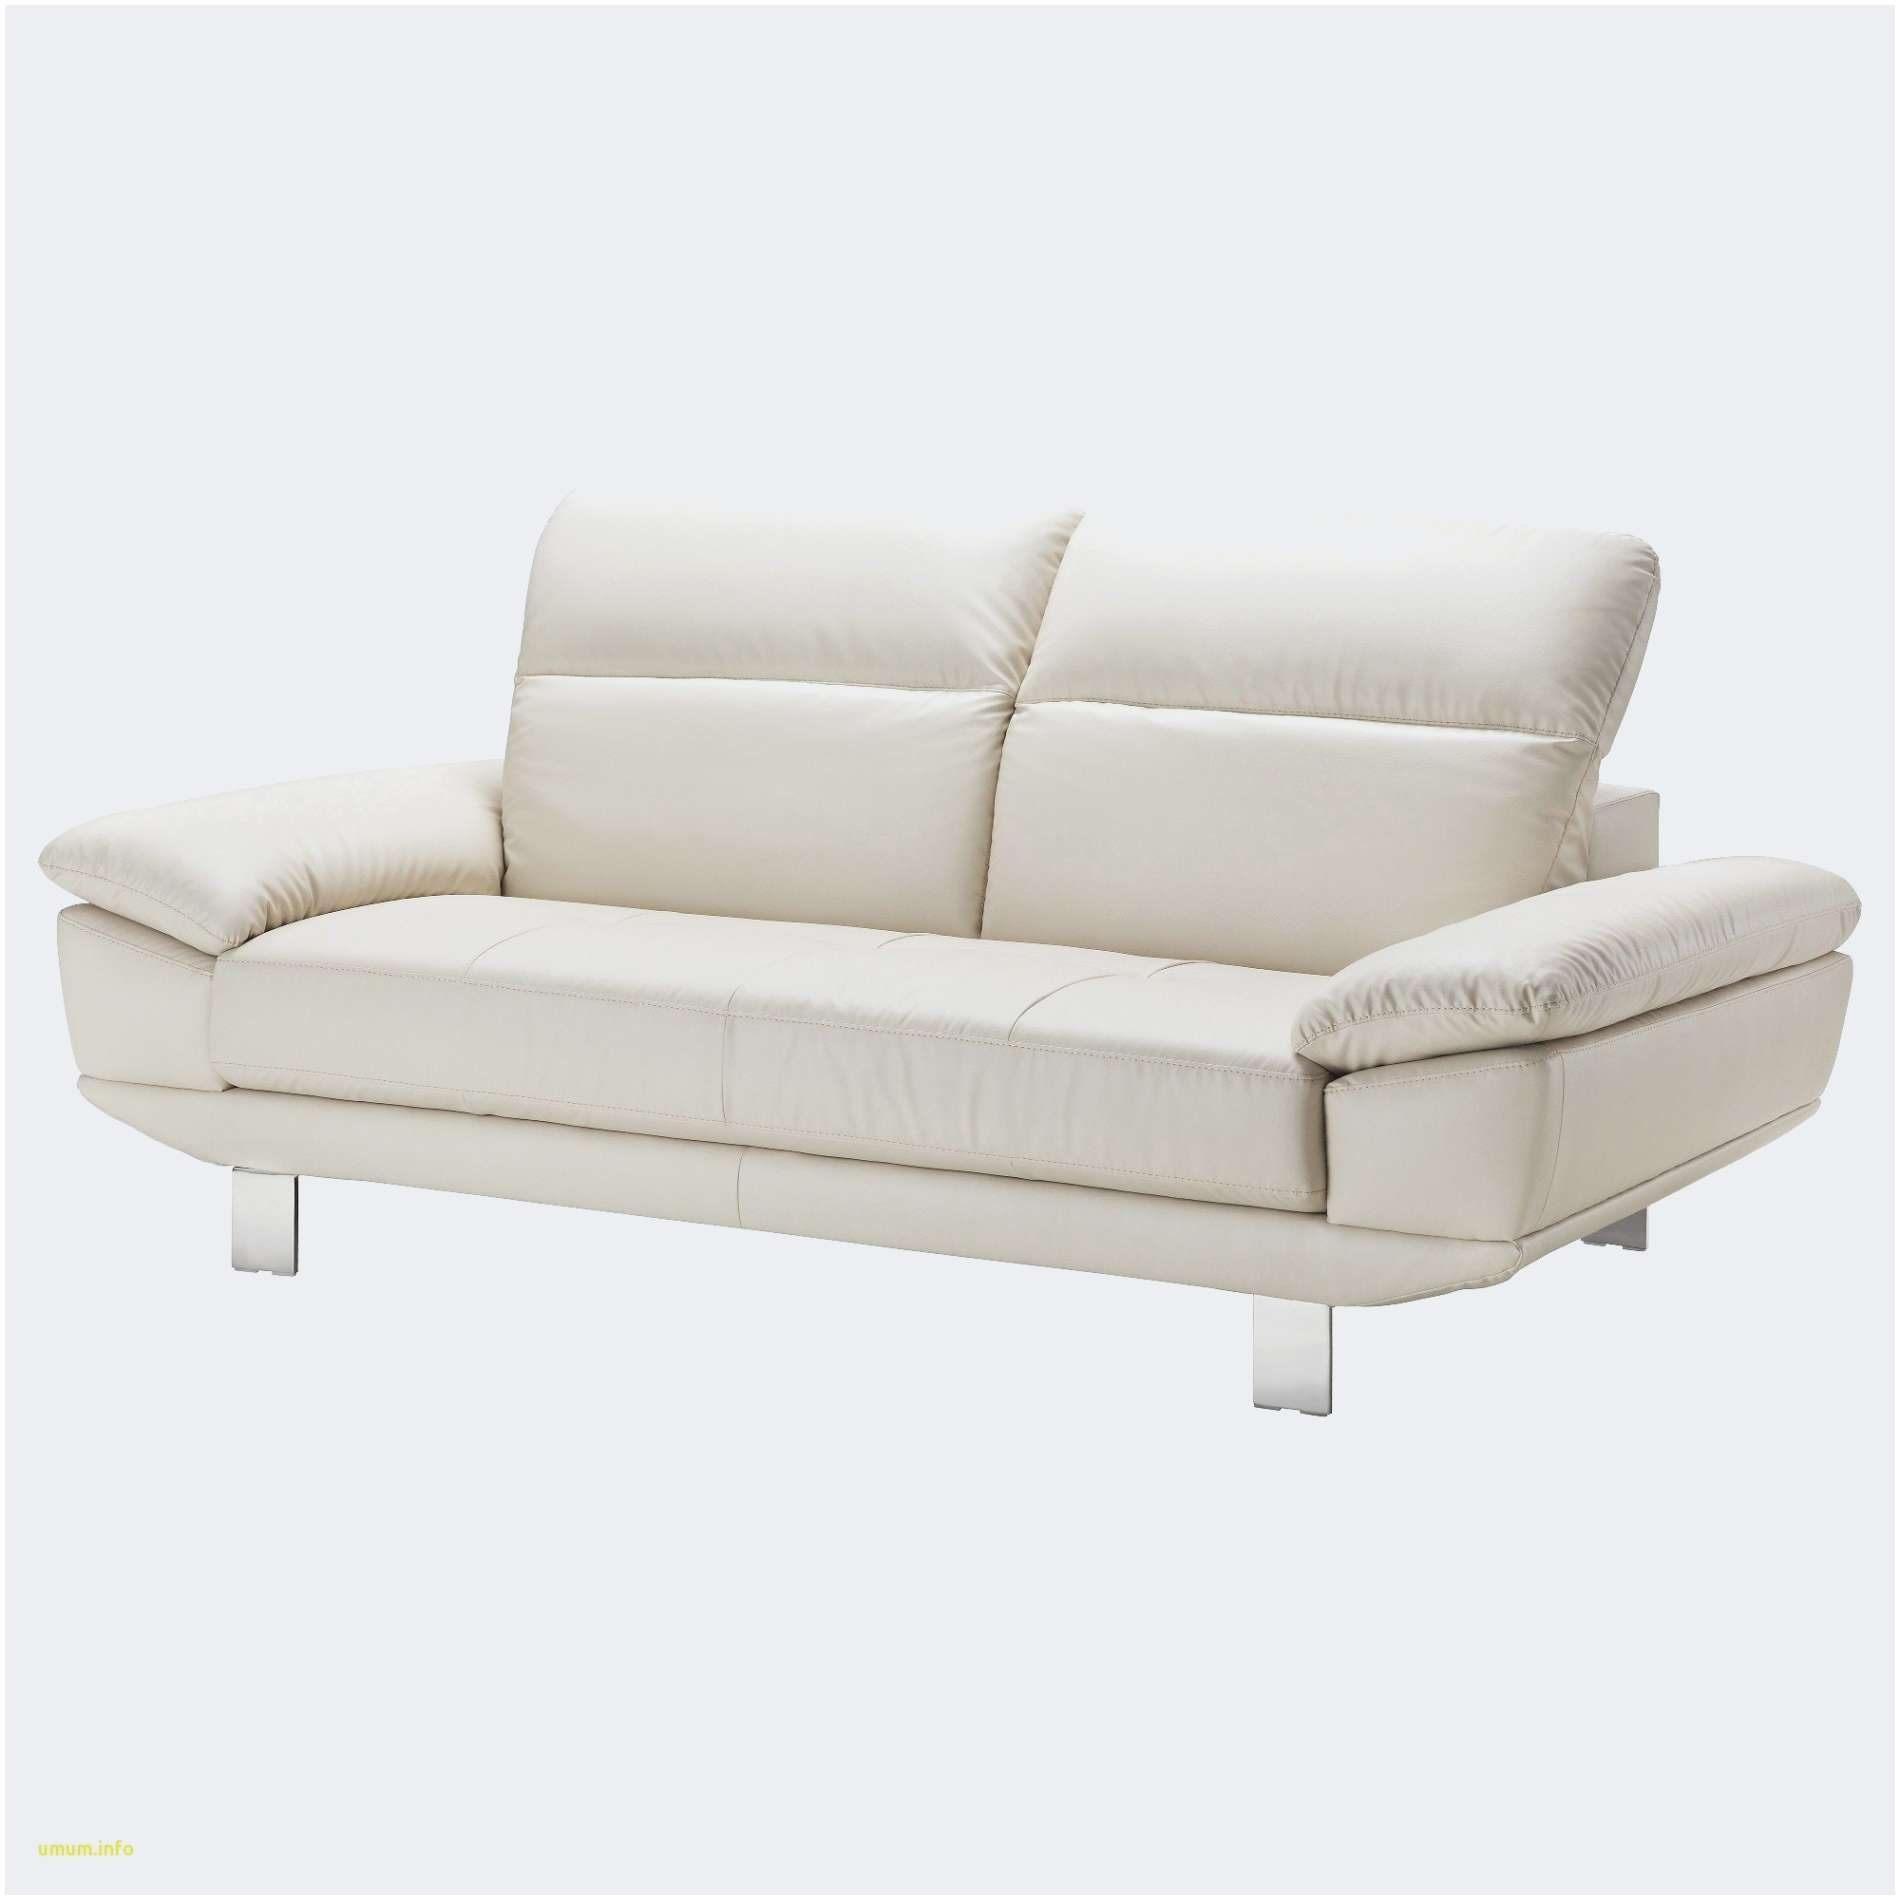 Canapé Lit Convertible Ikea Le Luxe Inspiré Canapé 3 Metres — Laguerredesmots Pour Meilleur Canapé Angle